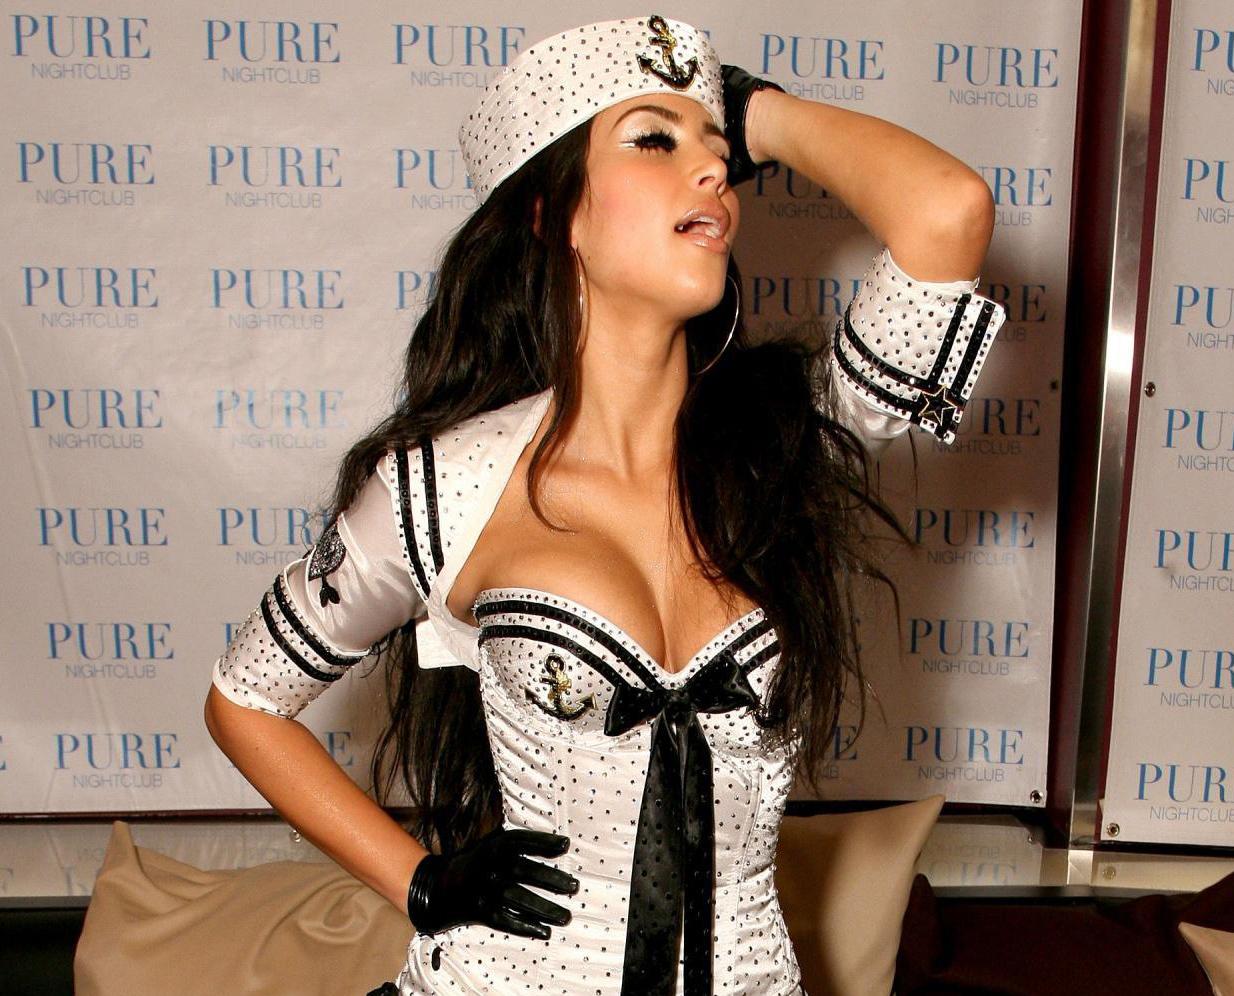 kim kardashian hd wallpaper 2013 kim kardashian hd wallpaper 2013 1234x996